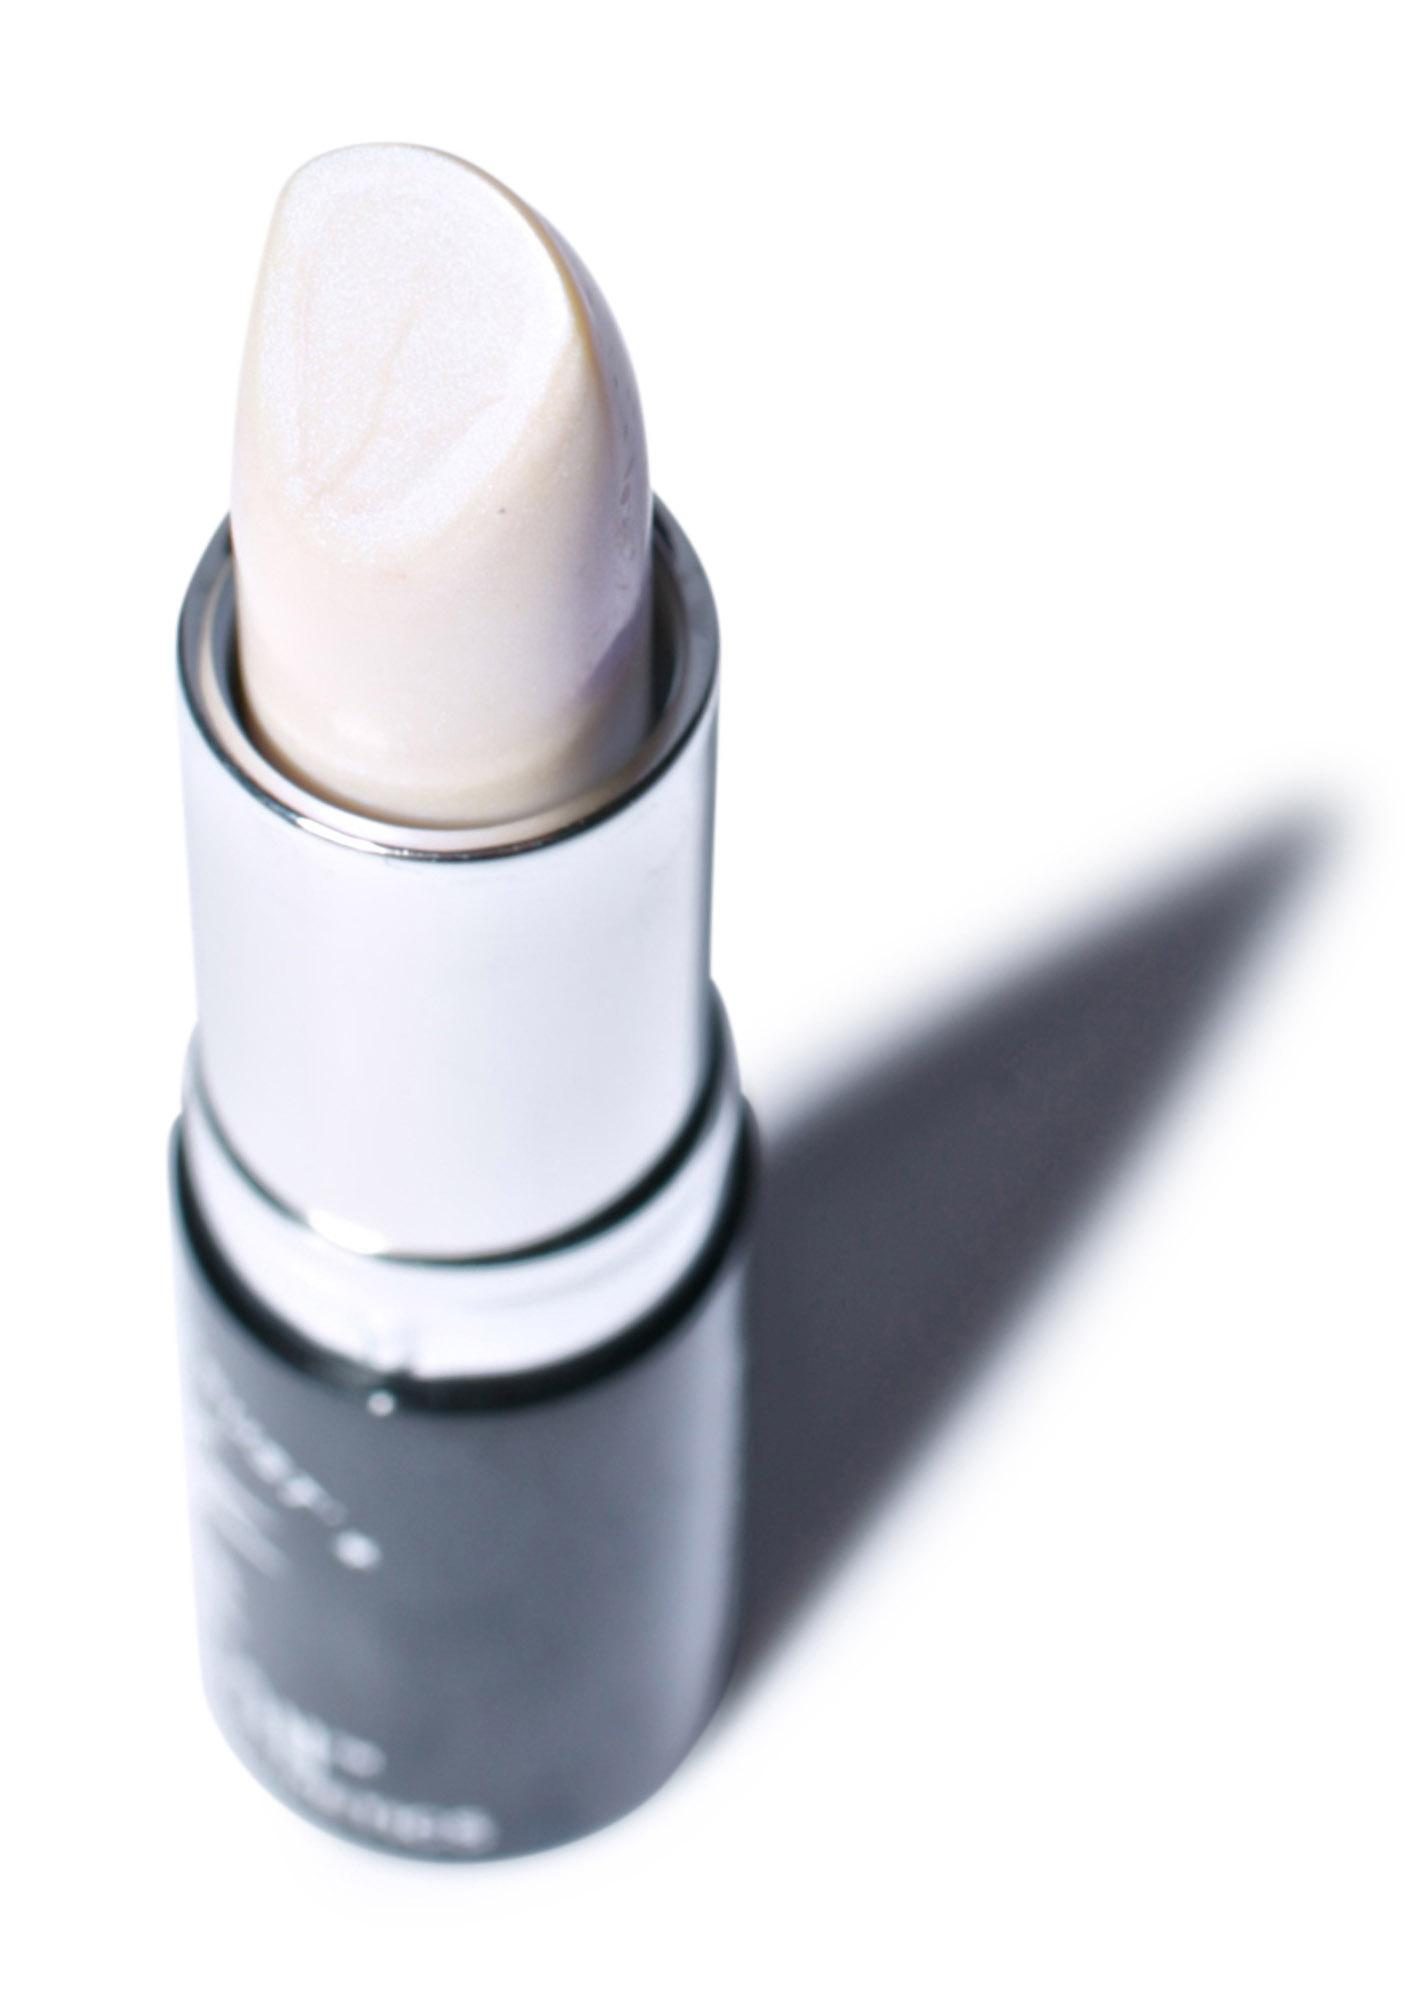 Manic Panic Cobweb Sharkskin Lipstick